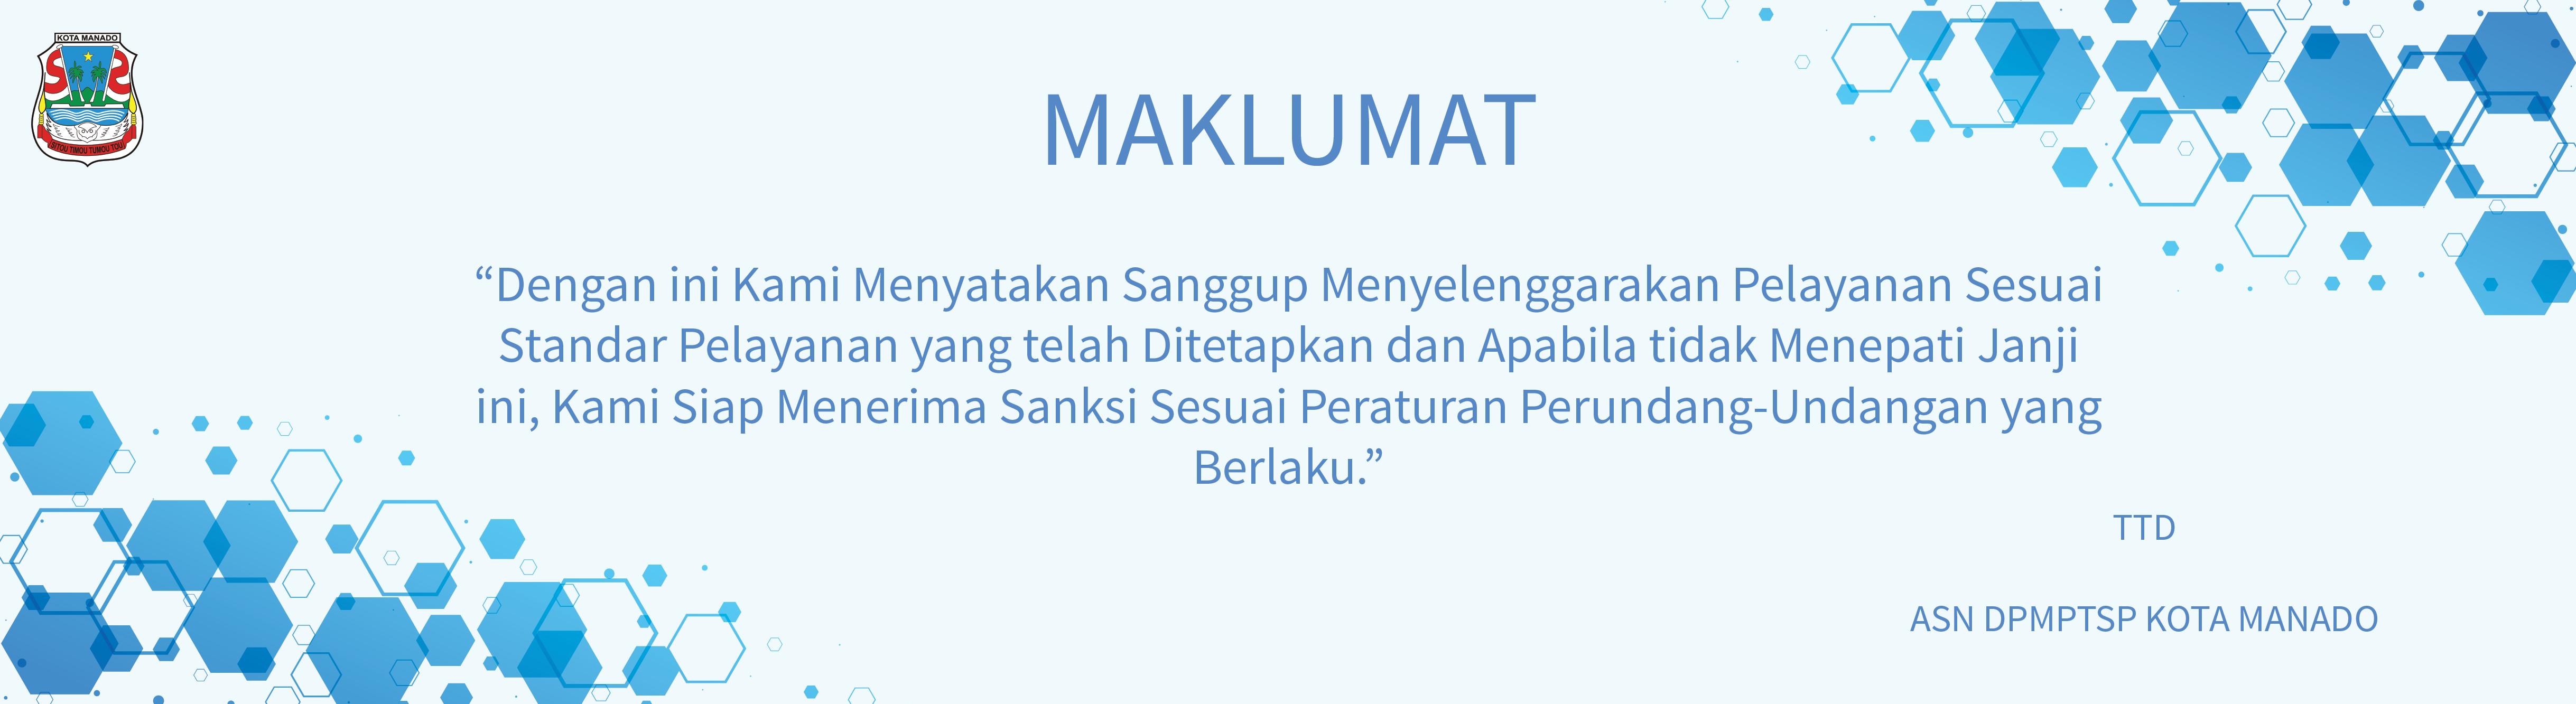 Sip2t Dinas Pm Ptsp Pemerintah Kota Manado